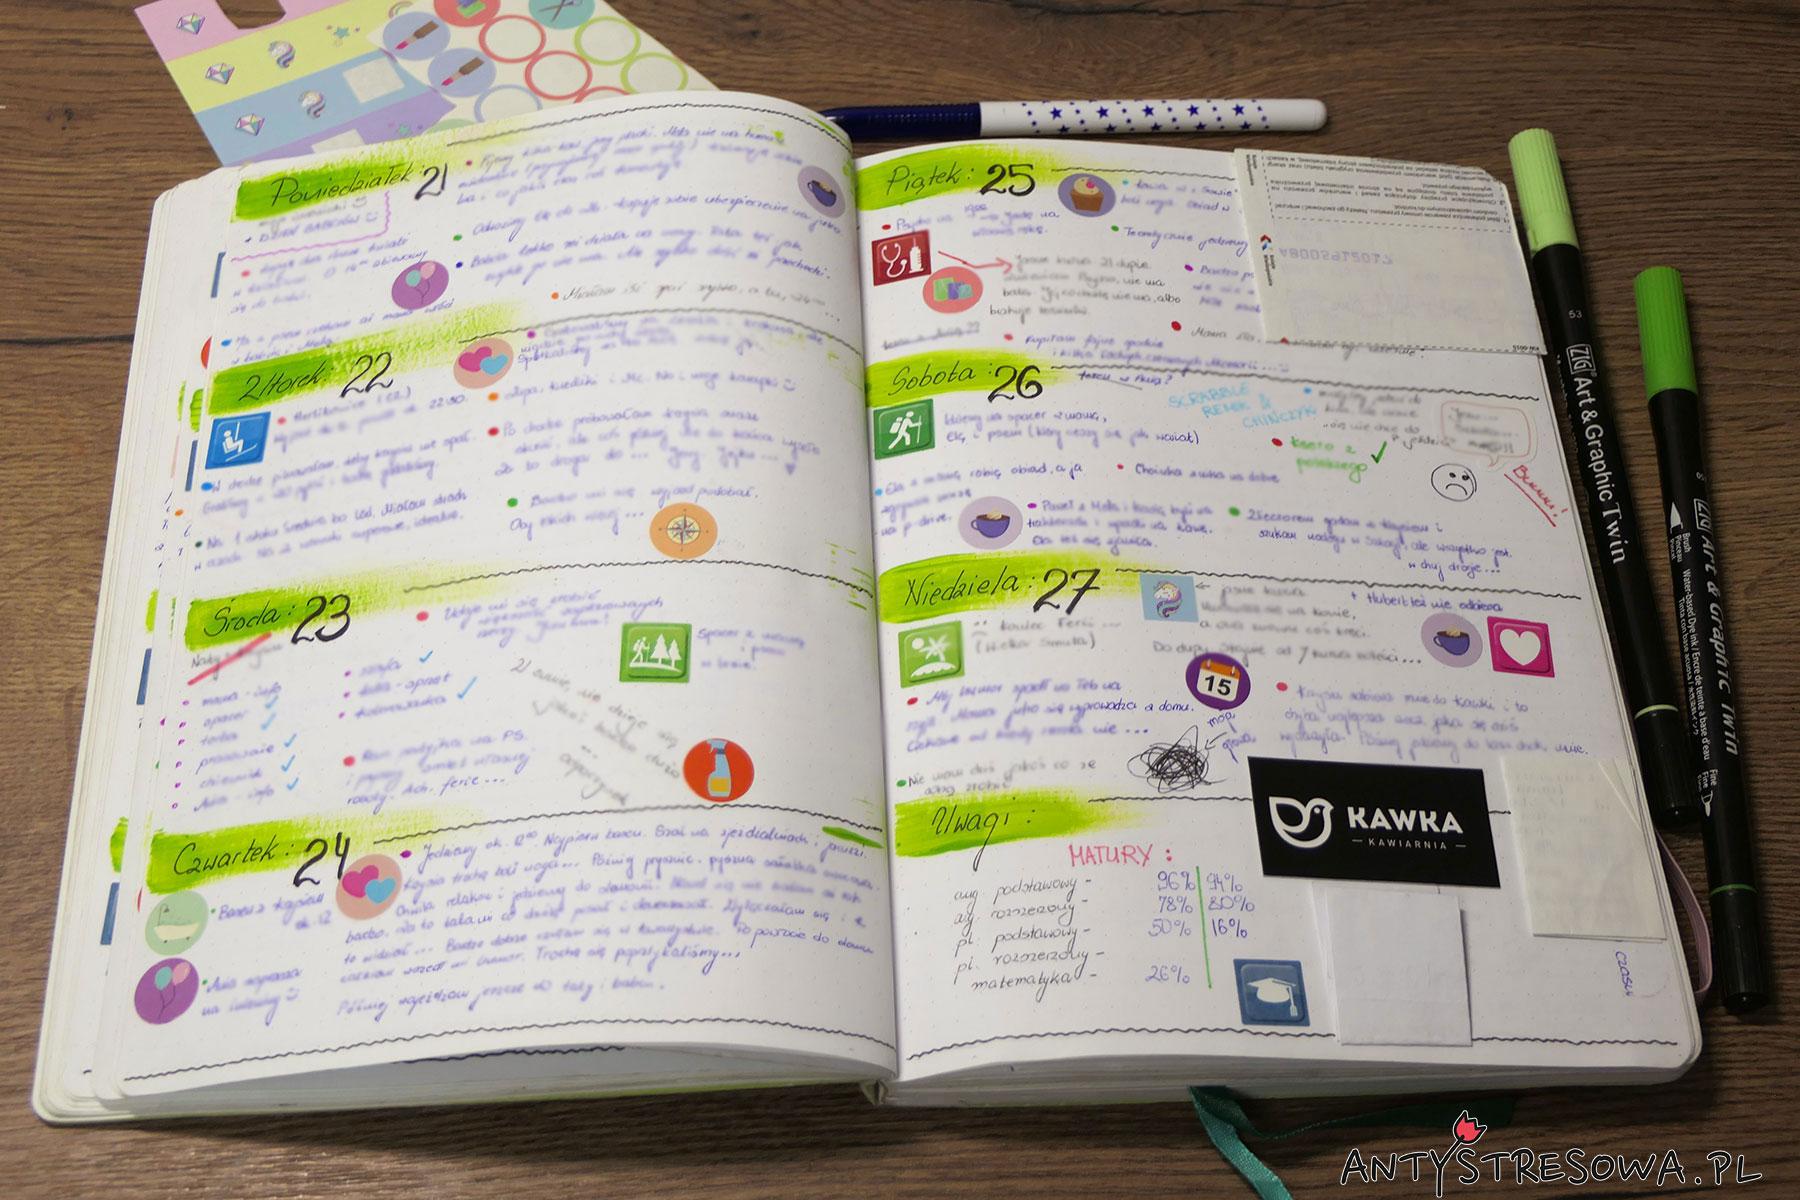 Planowanie w Bullet Journal w skali tygodnia